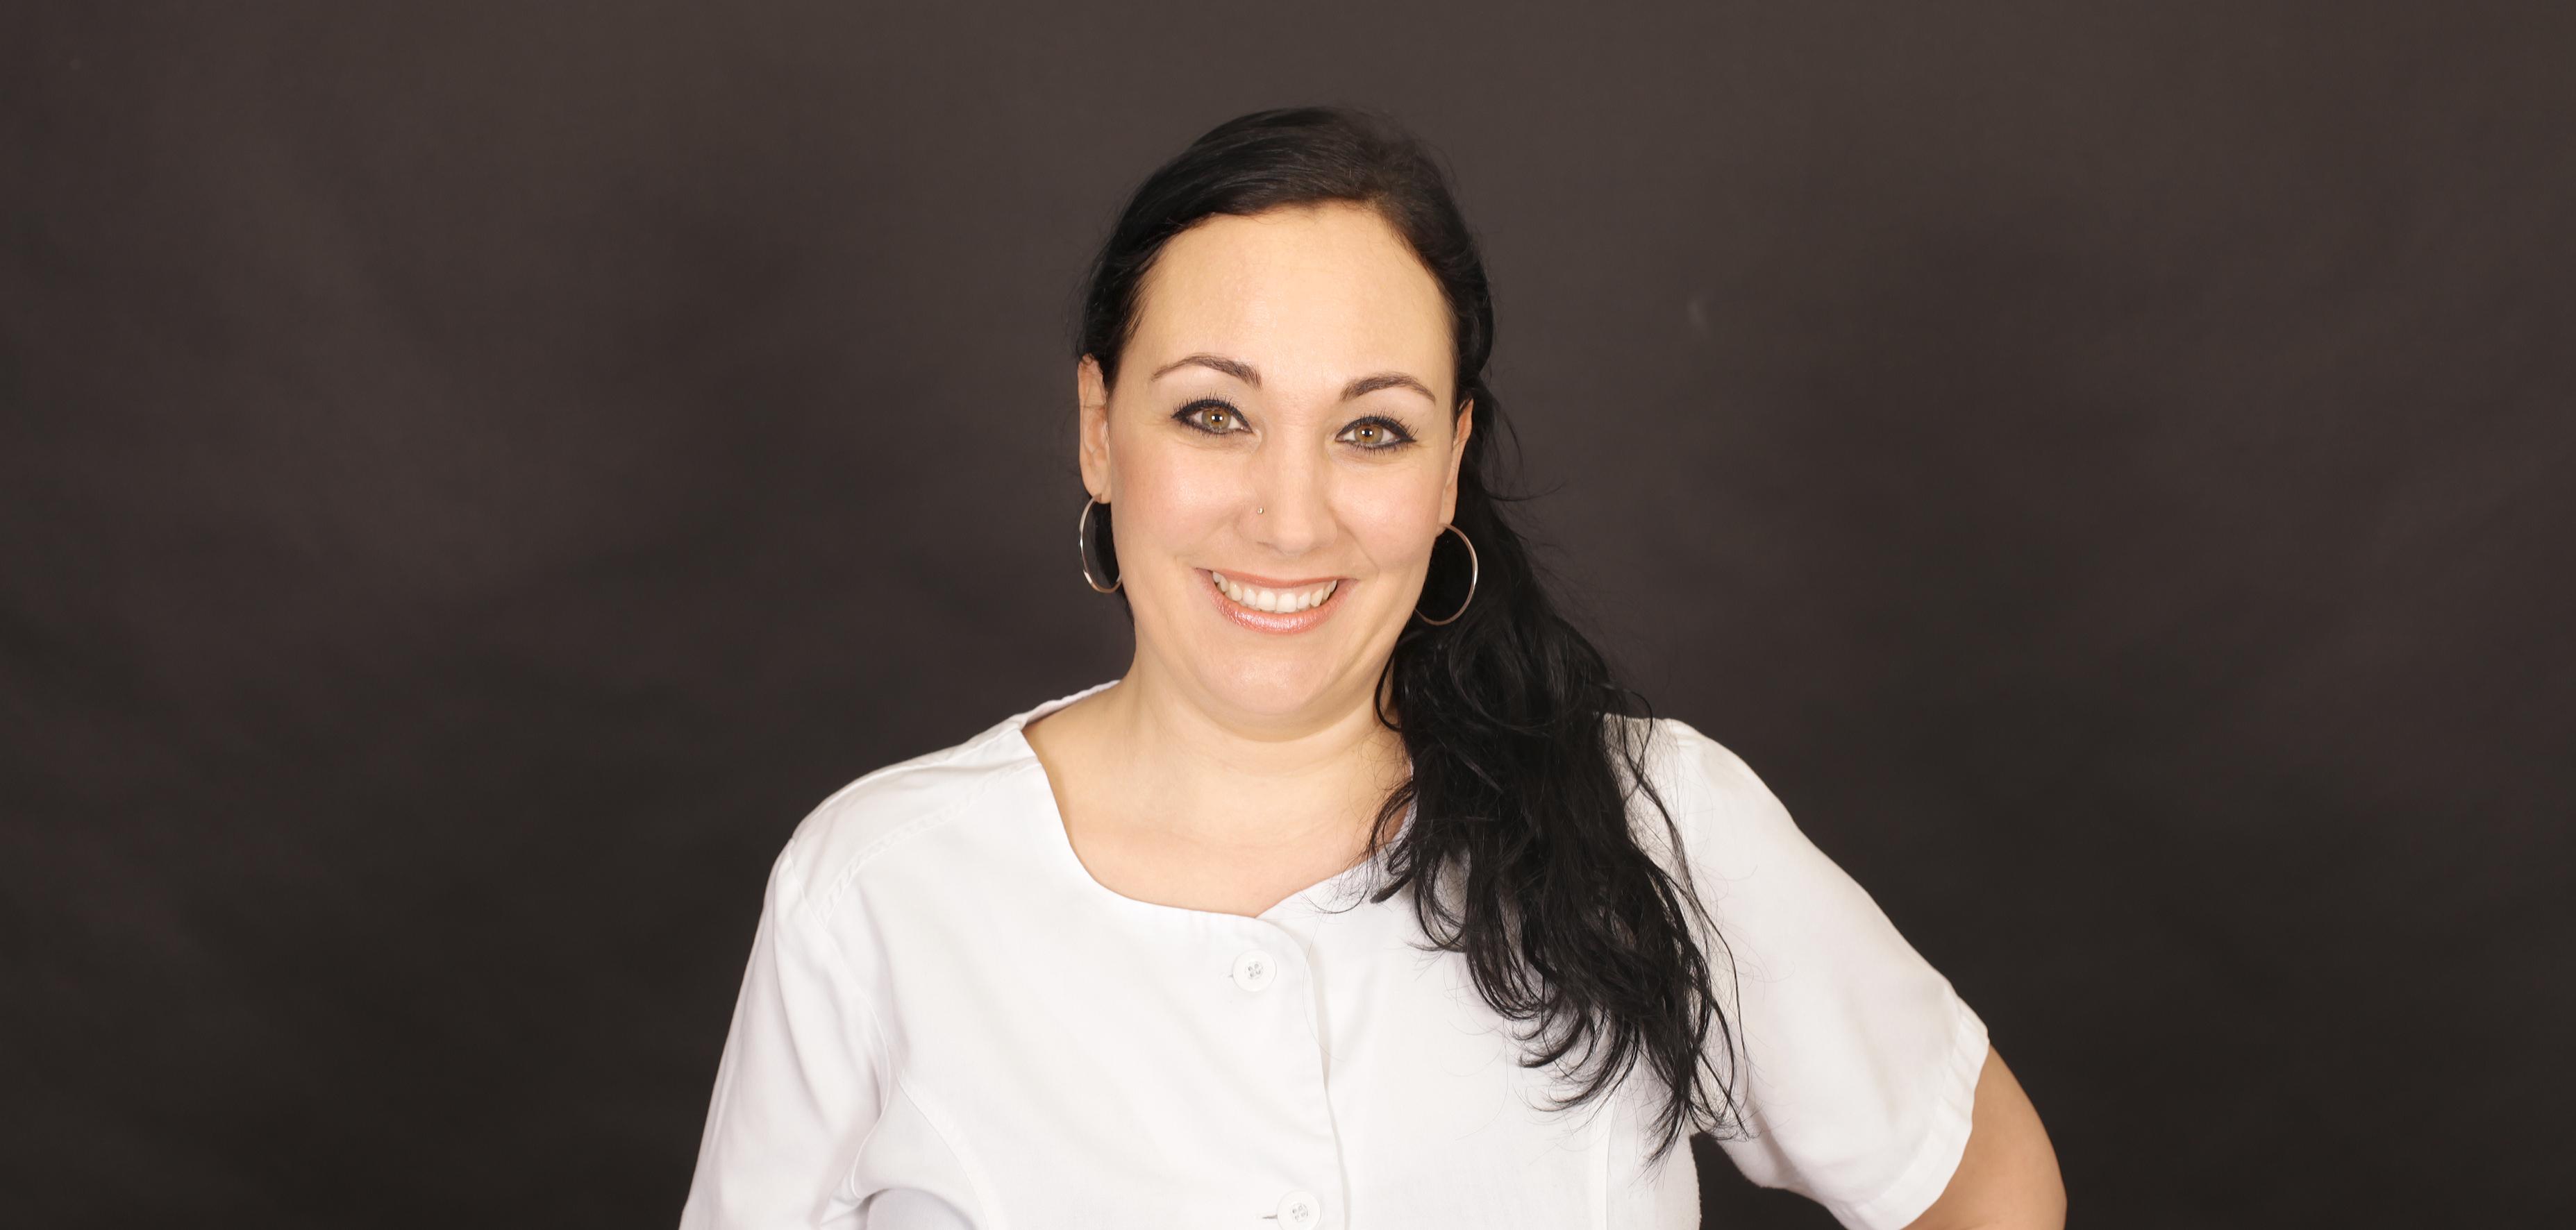 Kosmetikpraxis Claudia Ziegler